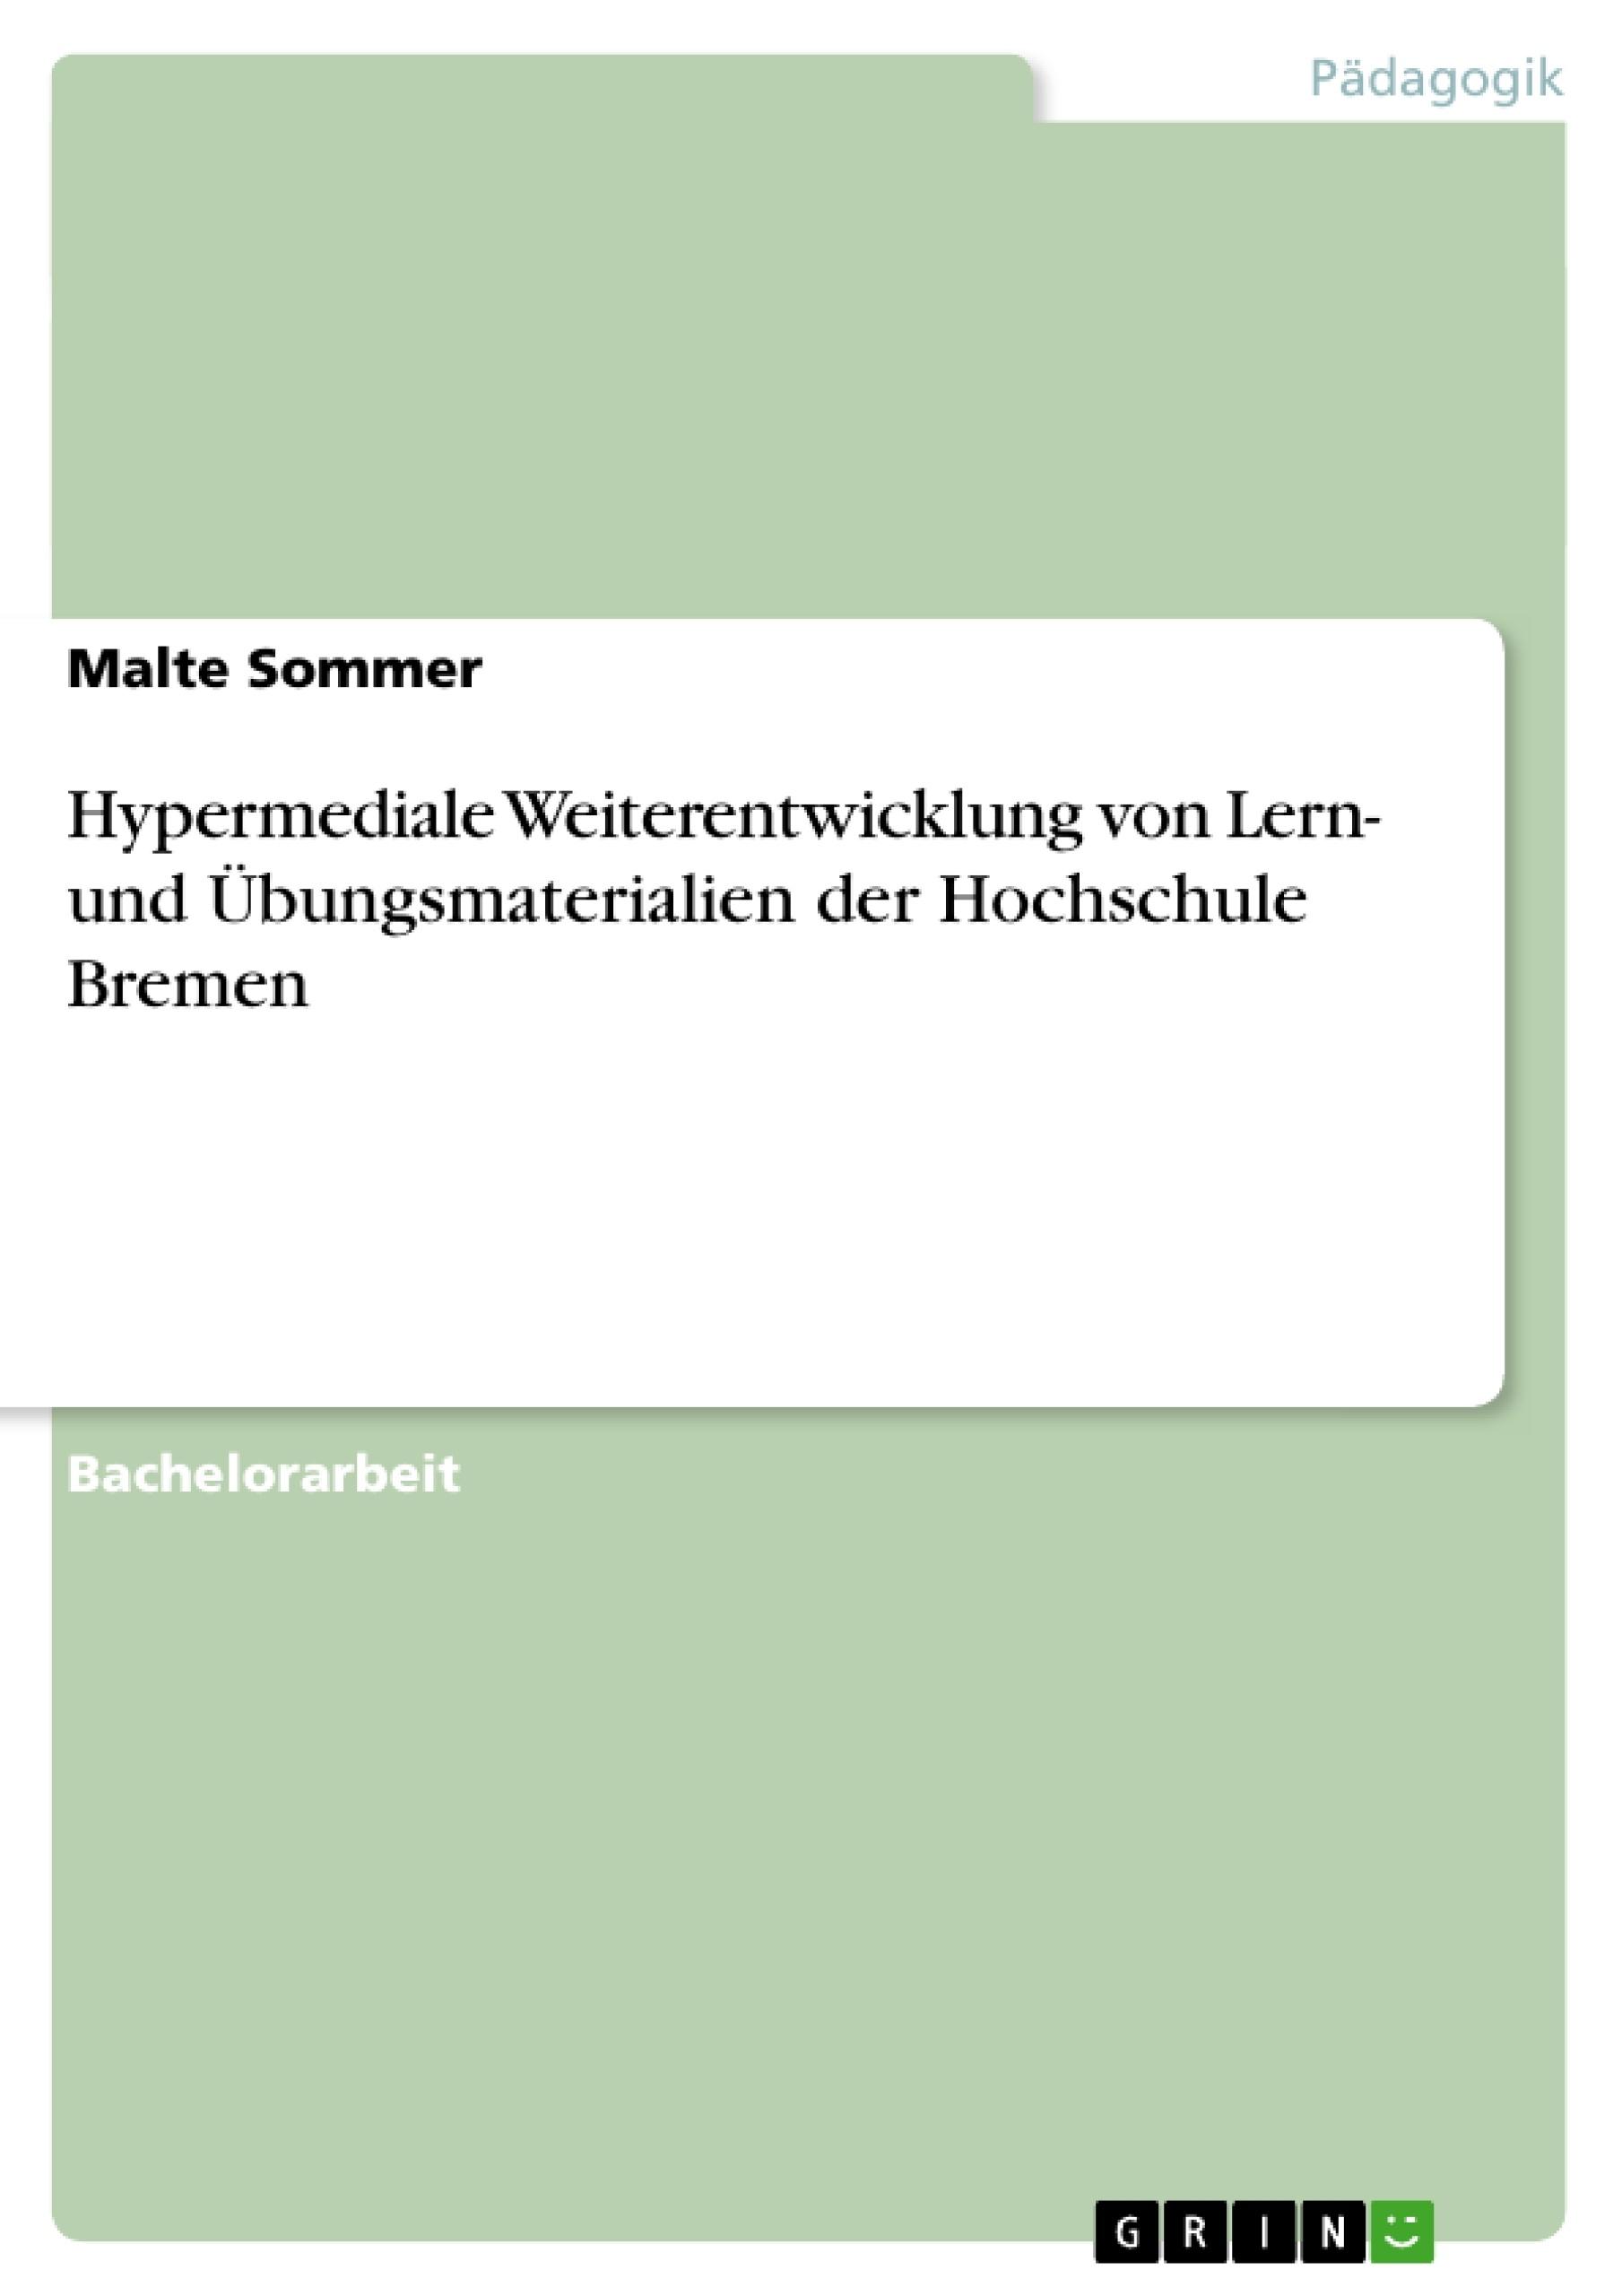 Titel: Hypermediale Weiterentwicklung von Lern- und Übungsmaterialien der Hochschule Bremen